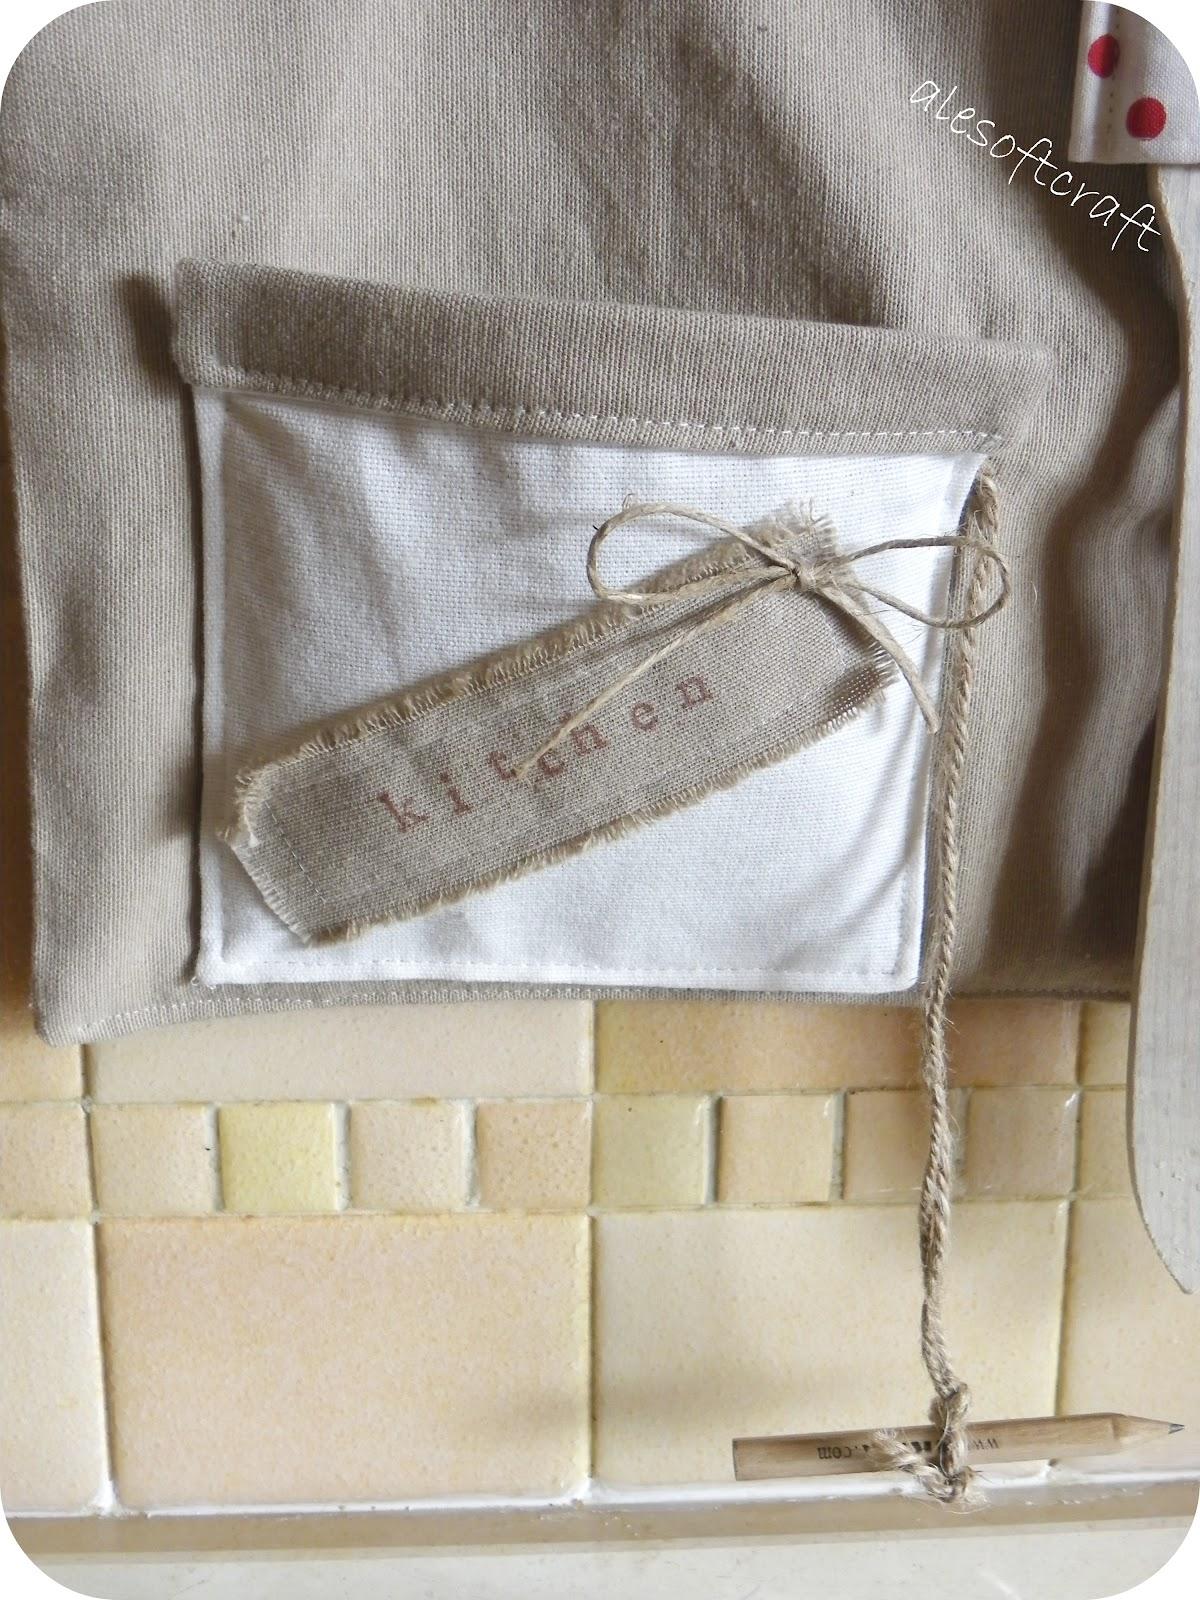 Tessuti creativi by alesoftcraft piccole cose x la mia cucina - Portamestoli ikea ...